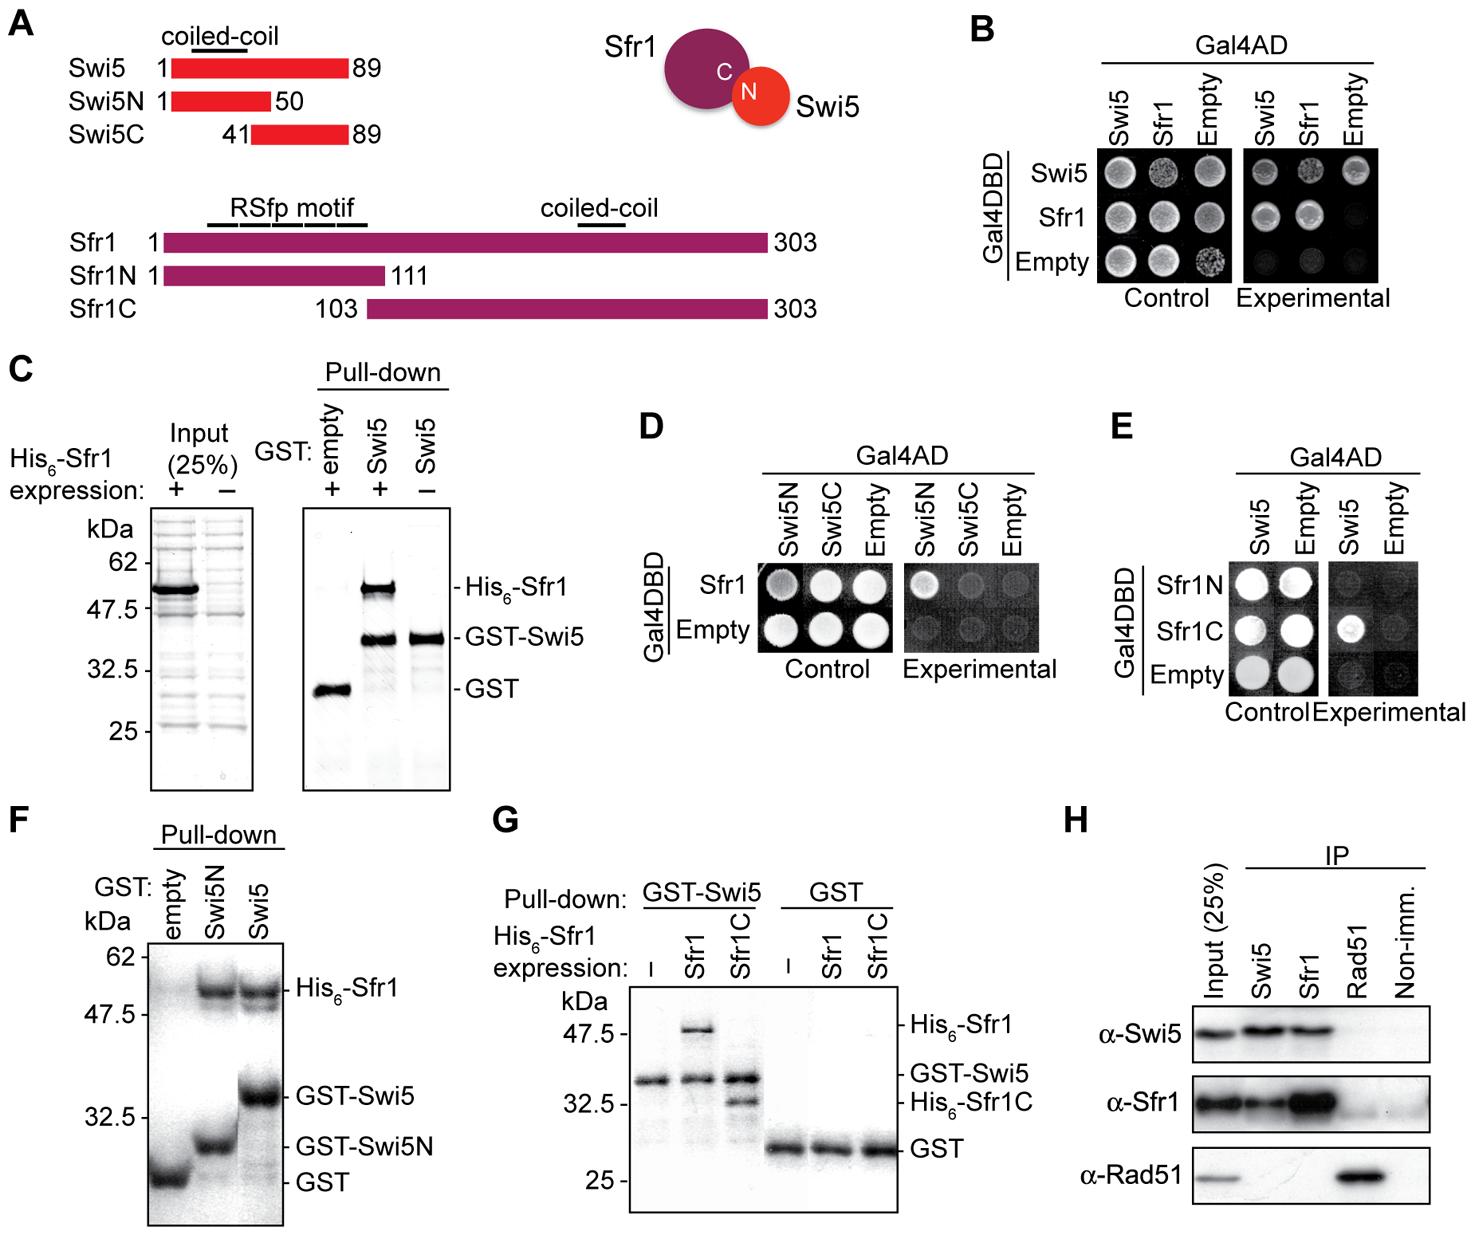 Mouse Swi5 and Sfr1 interact <i>in vivo</i> and <i>in vitro</i>.